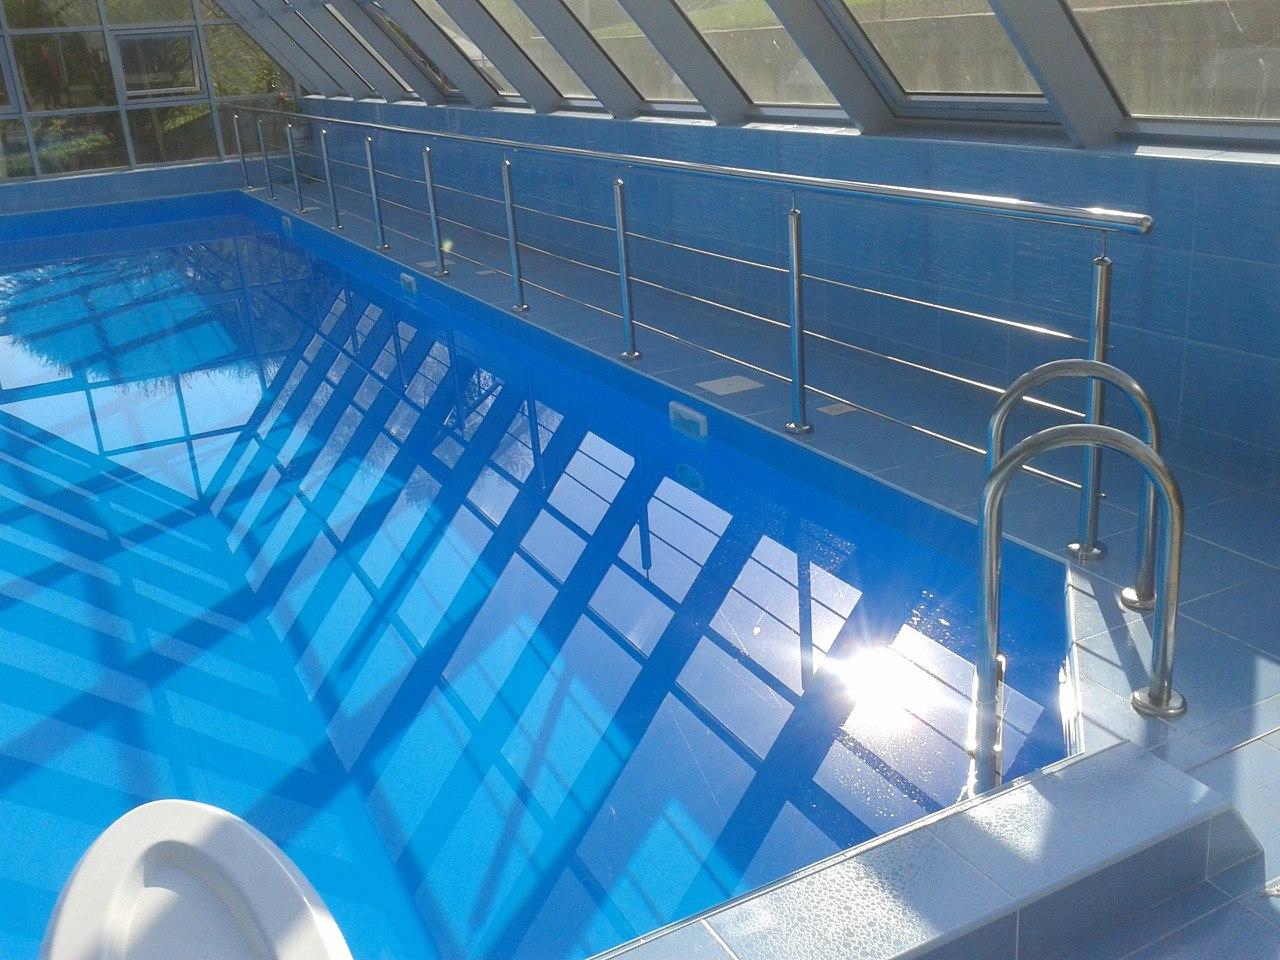 Поручни для бассейна: инструкция по монтажу